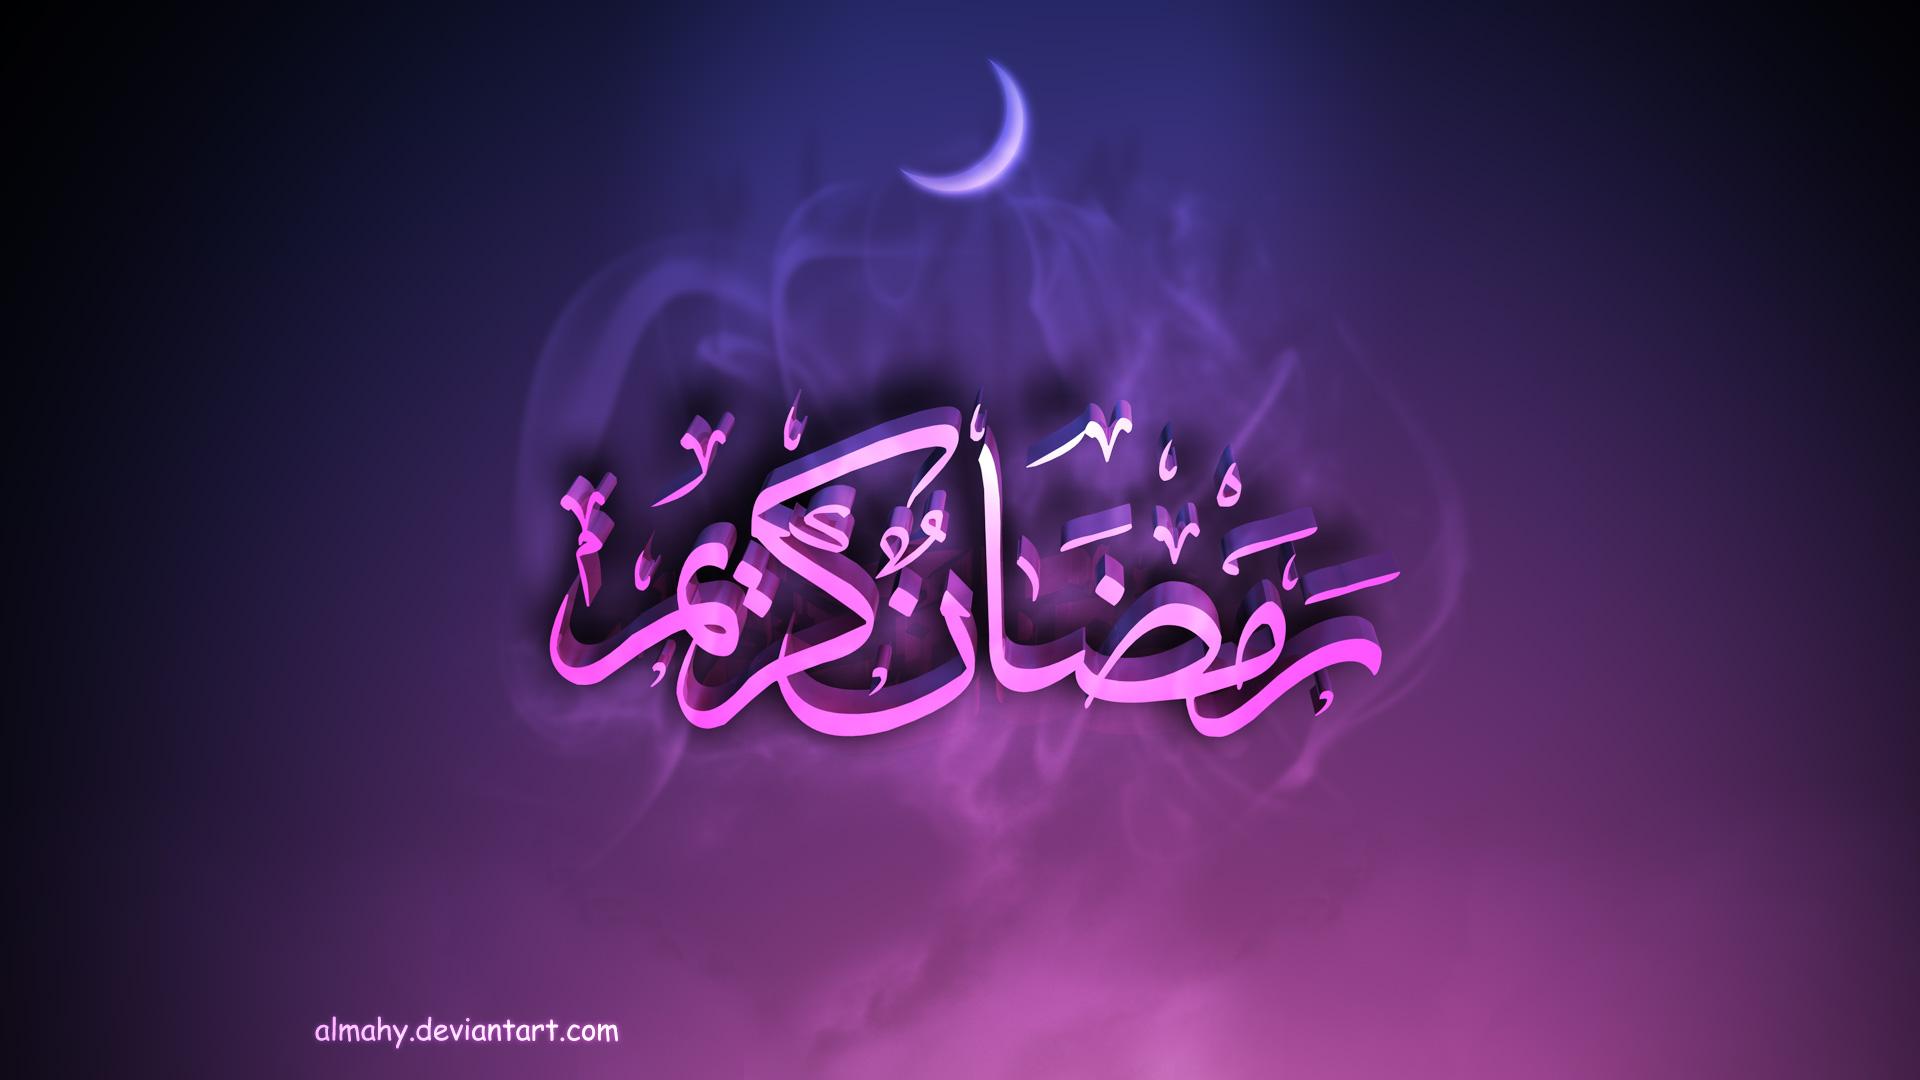 Ramadan Mubarak HD Desktop Wallpaper | Ramadan Mubarak 2017 ... for Ramadan Kareem Wallpapers Hd  146hul